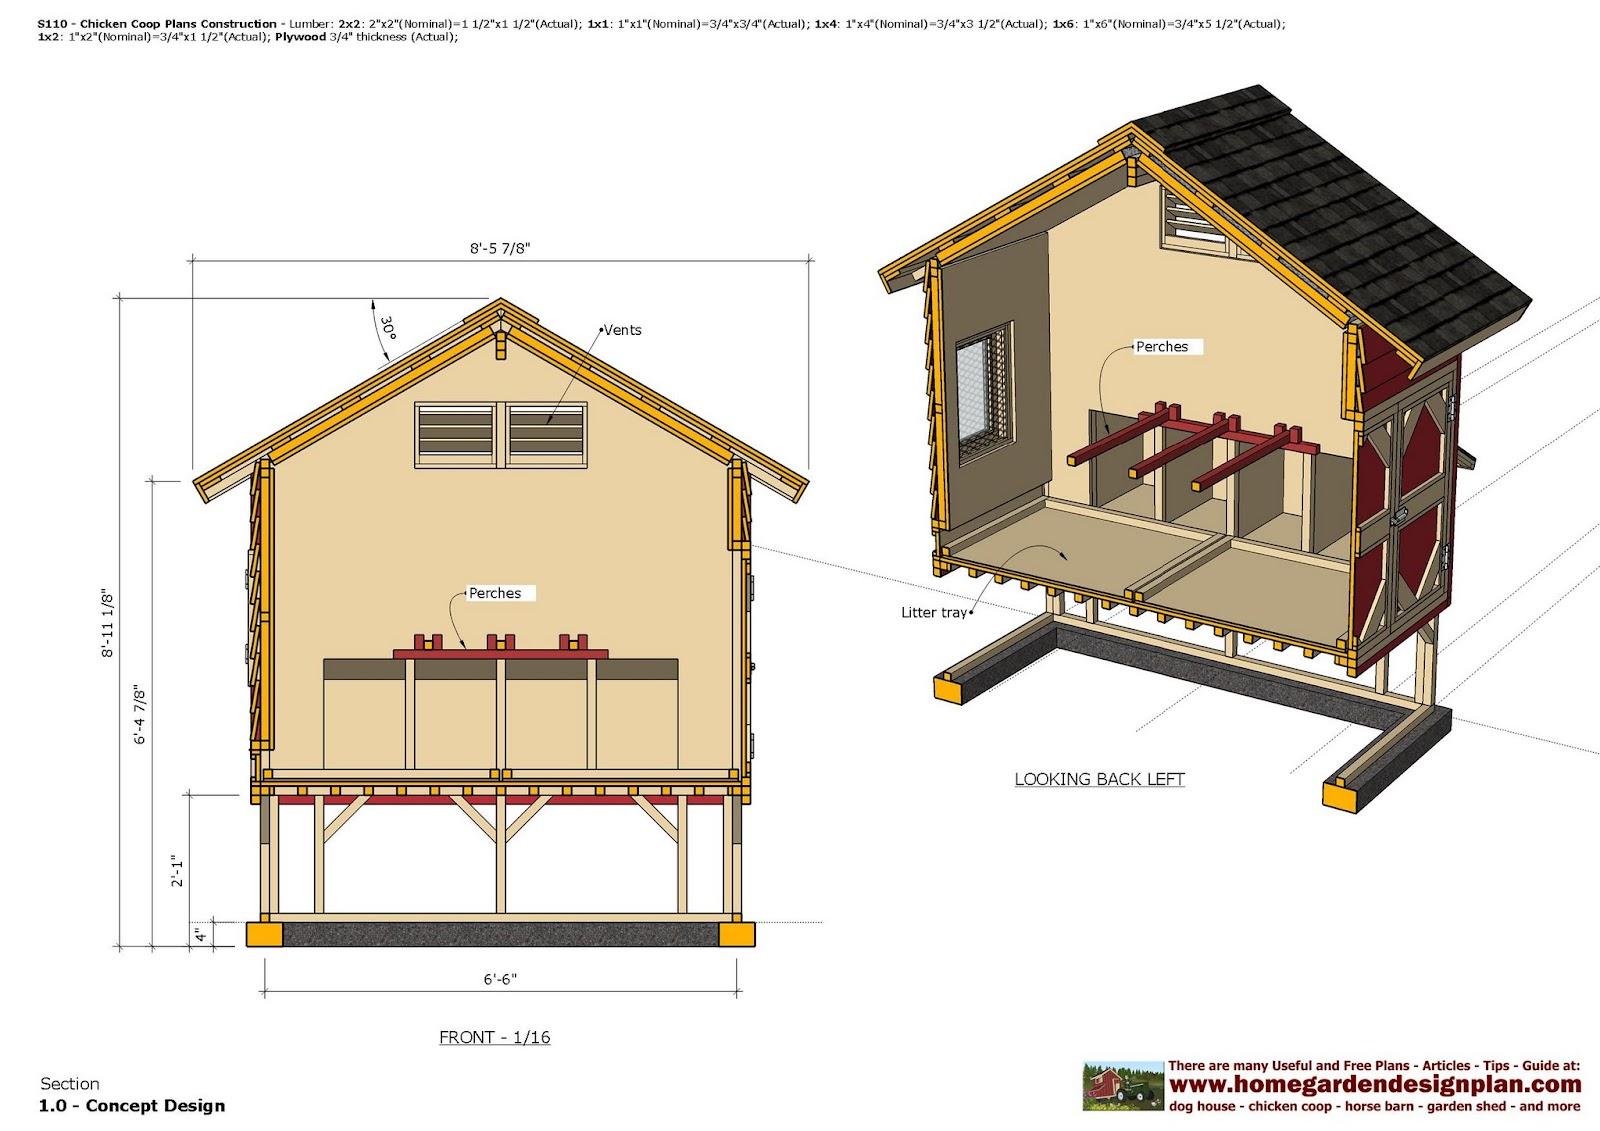 Home garden plans s110 chicken coop plans chicken for 3 chicken coop